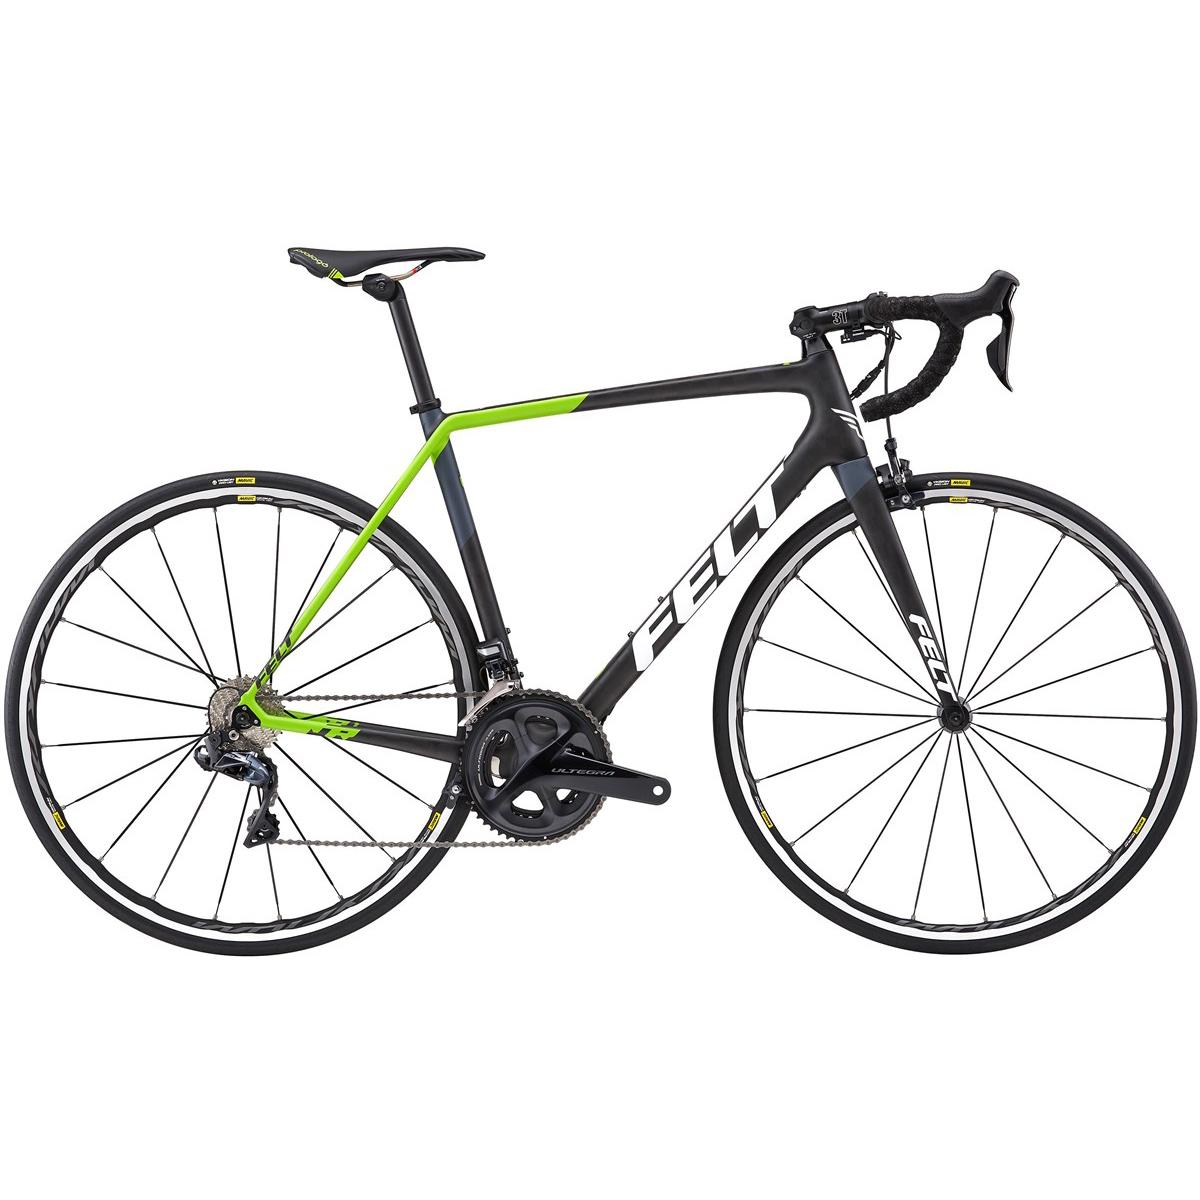 Felt FR2 Di2 Carbon Road Bike - 2018